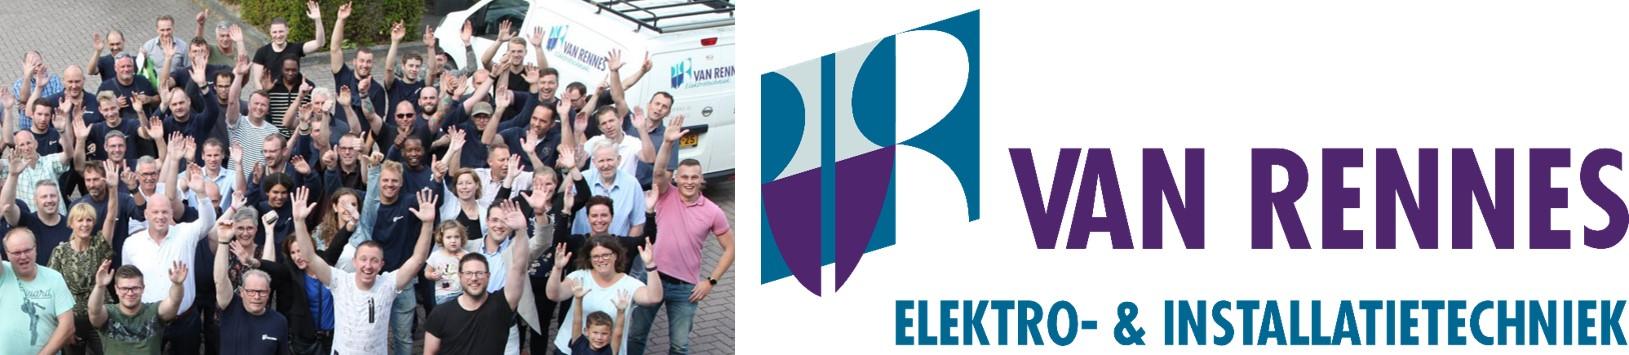 Nieuwe ElektroNed partner: van Rennes Elektro- en Installatietechniek B.V. uit Klaaswaal